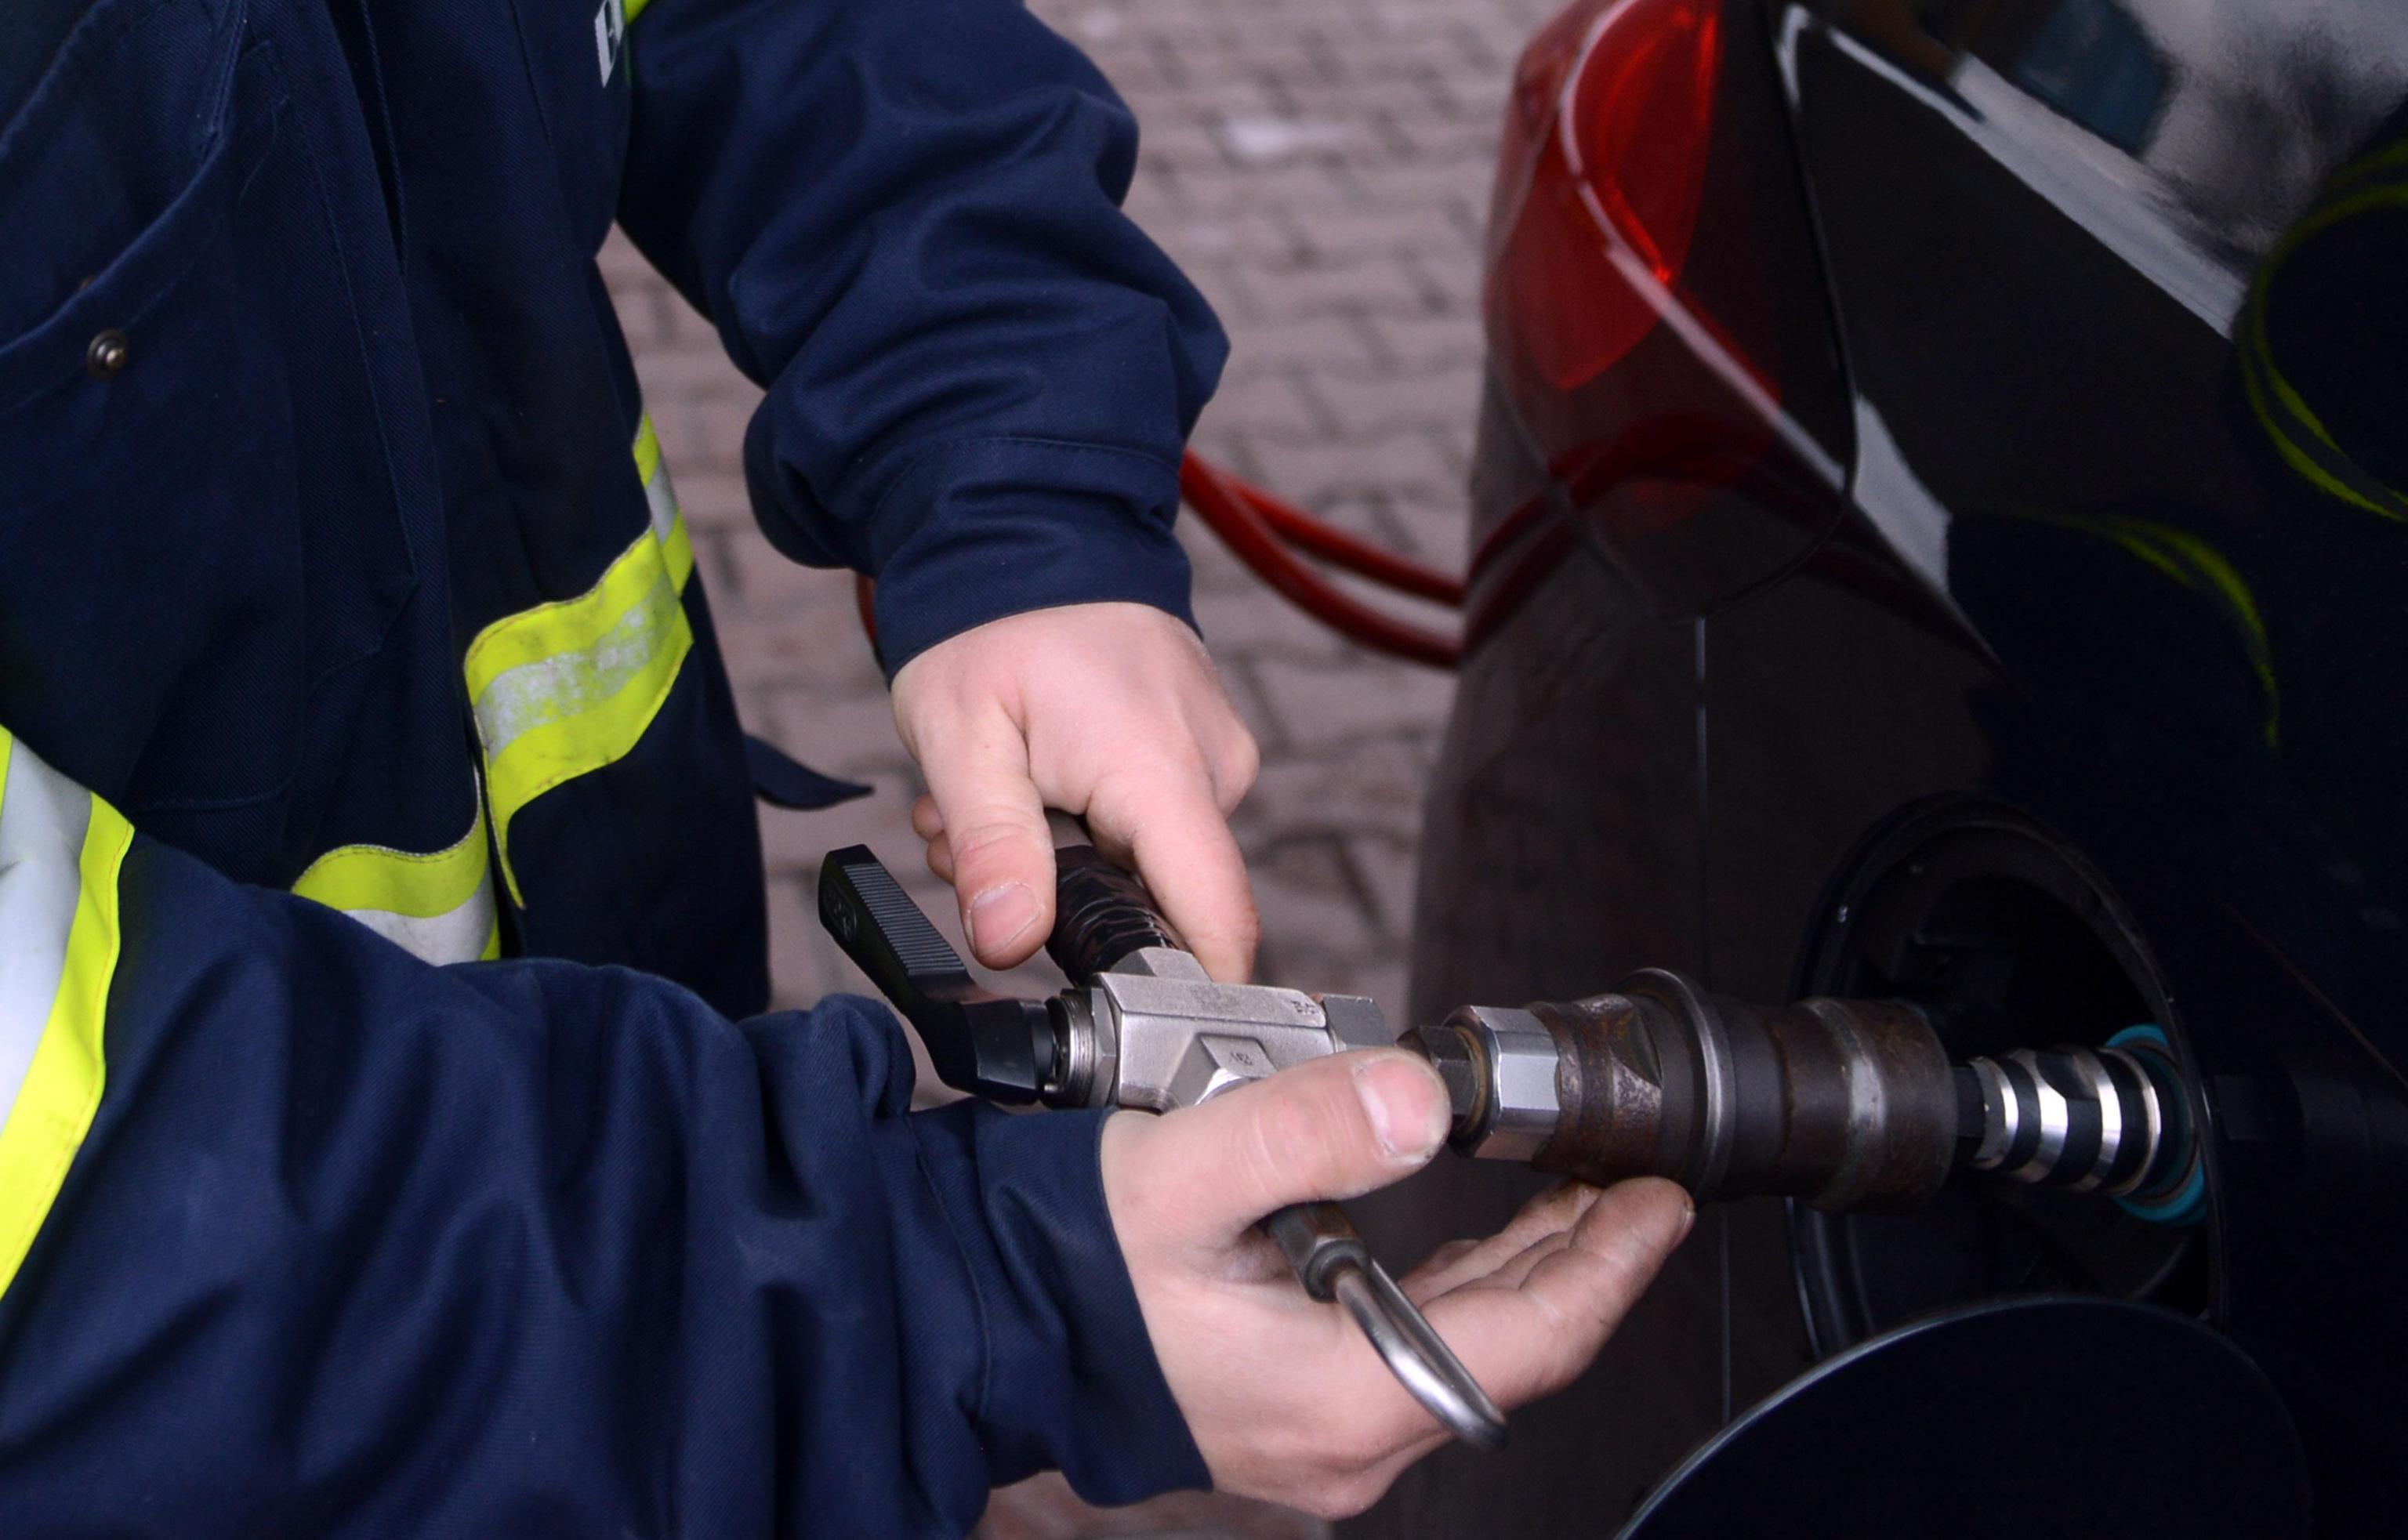 Accordo Eni-Snam per stazioni a metano